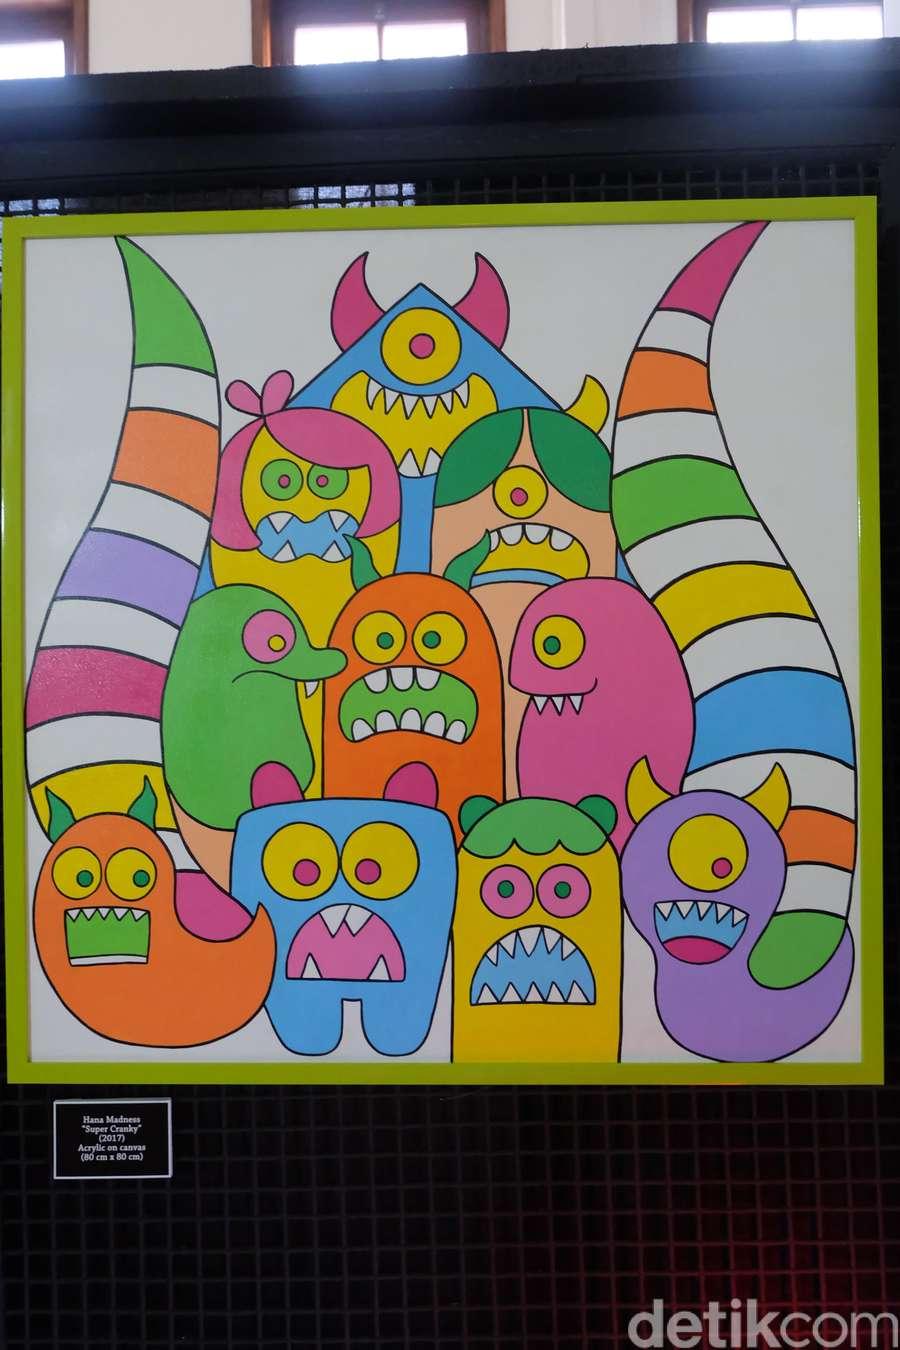 Doodle Menggemaskan ala Hana Madness